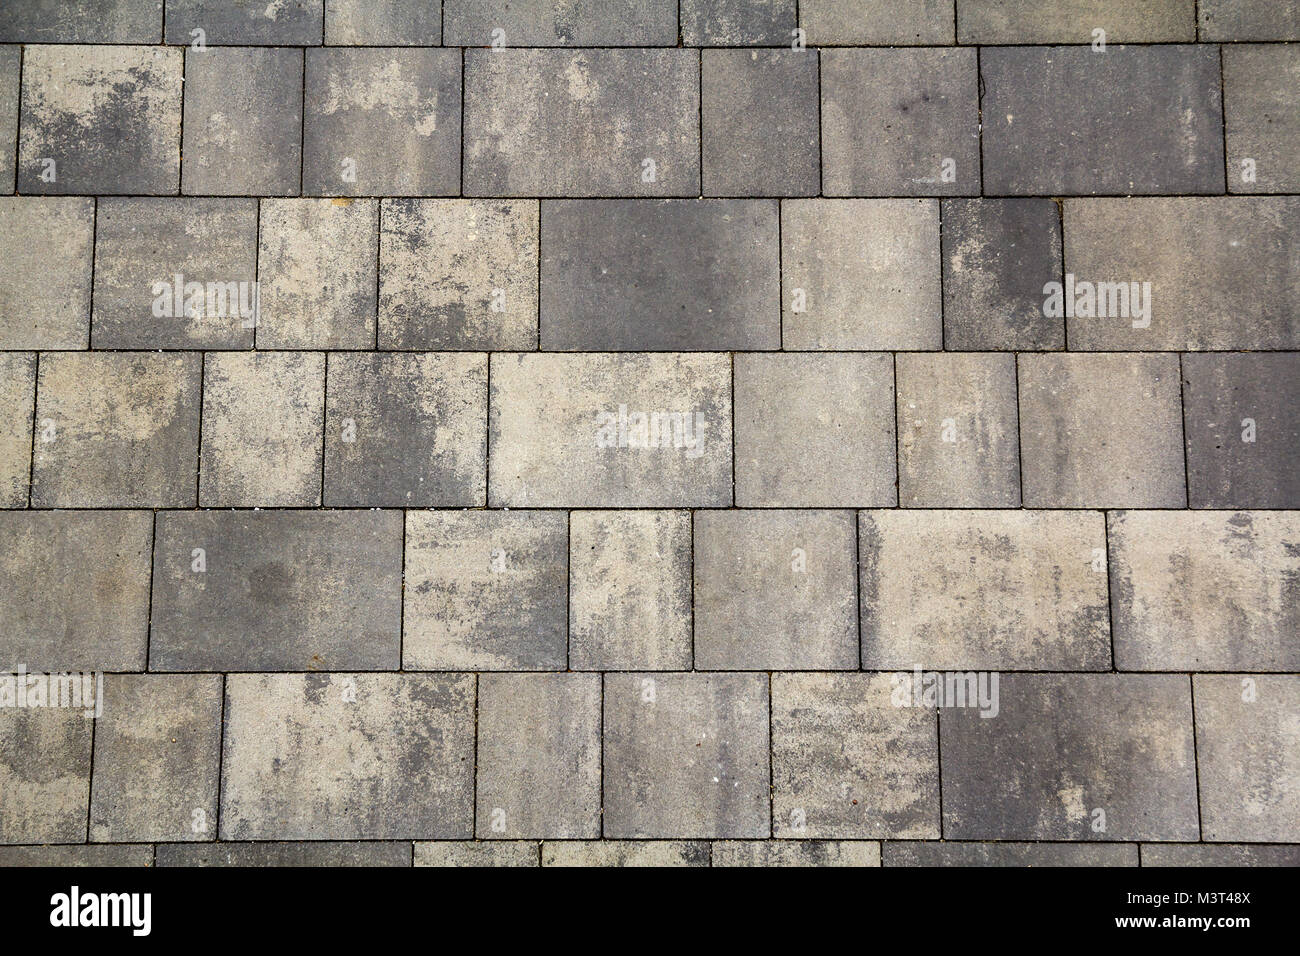 Piastrelle grigie sullo sfondo. piastrella classica texture a parete